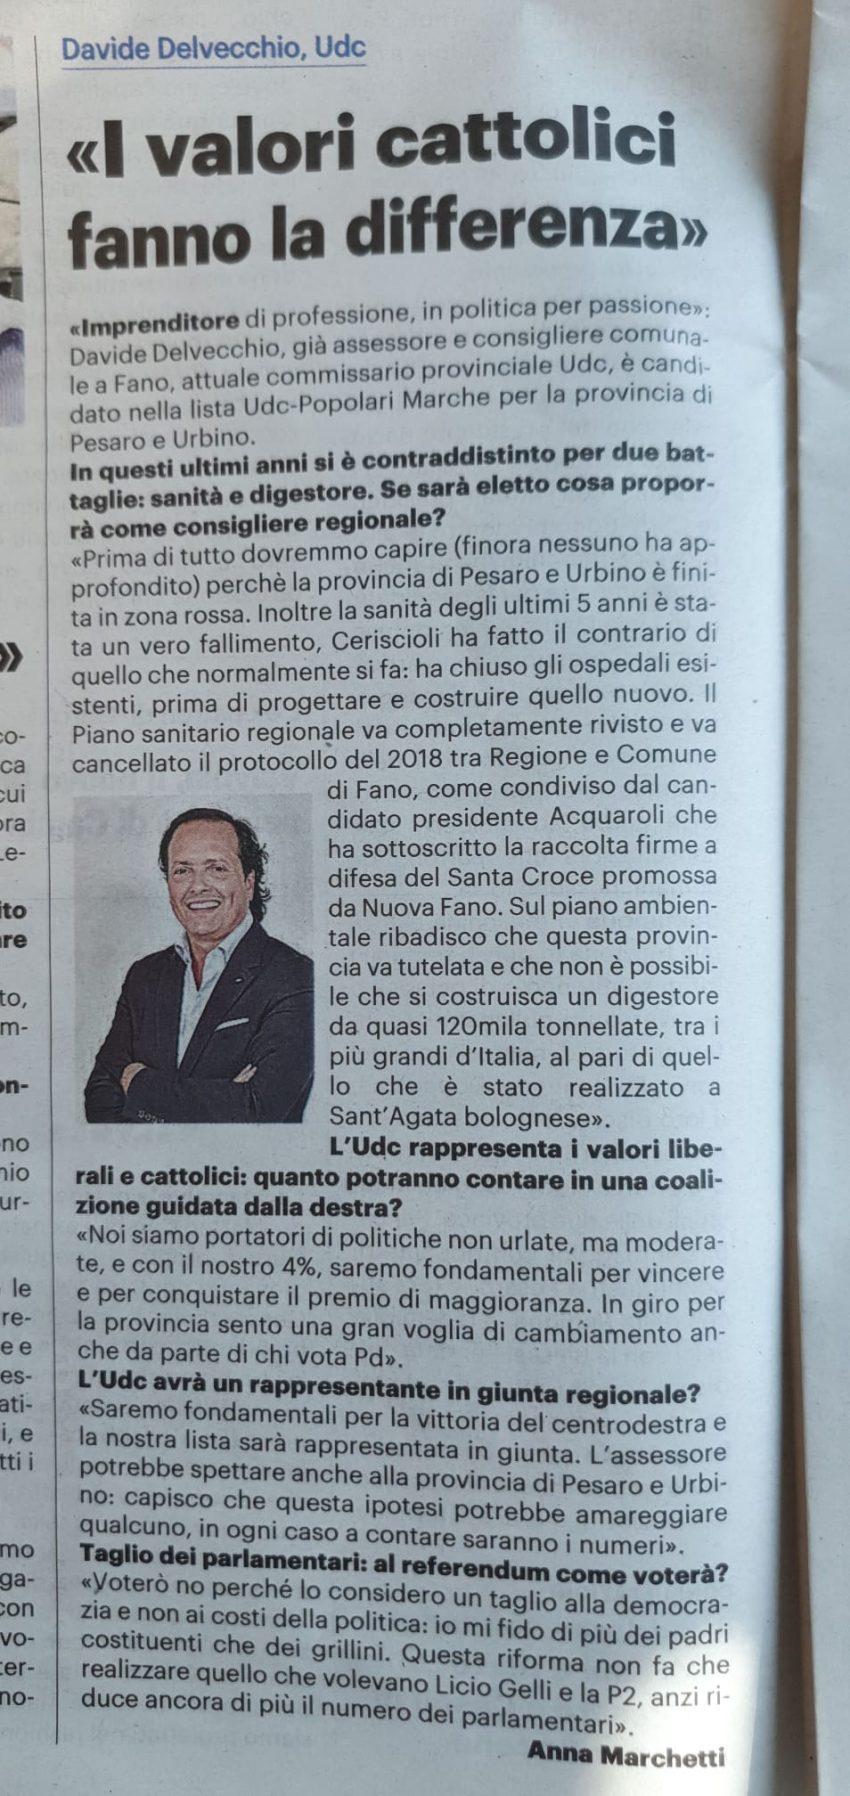 ✅Intervista Il resto del Carlino 15/09/2020  ➡️ I Valori Cattolici fanno la differenza